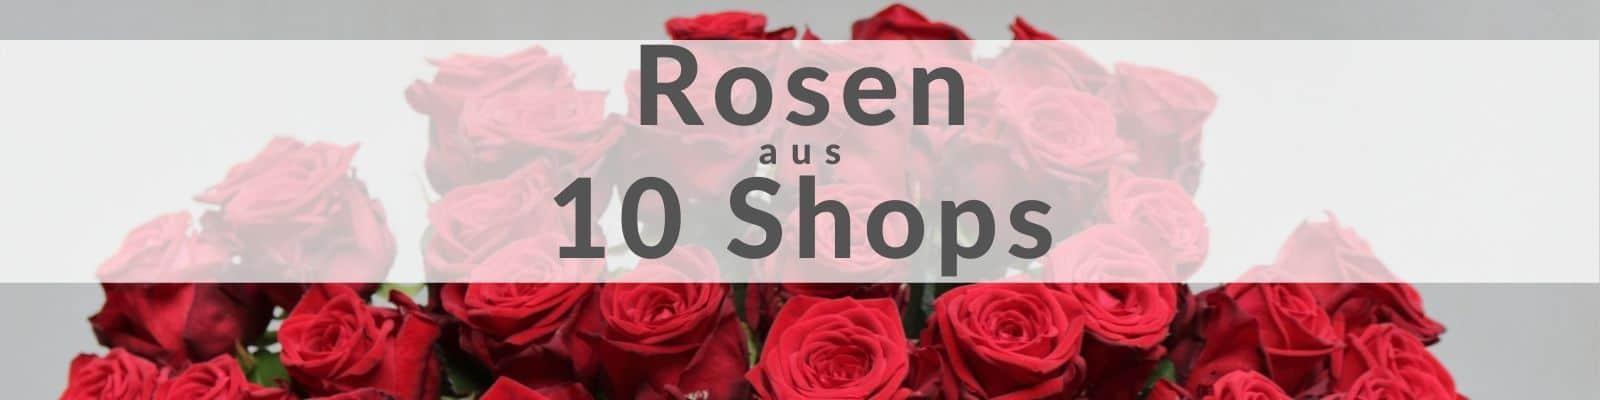 Rosen verschicken - Rosenversand Rosenstrauß